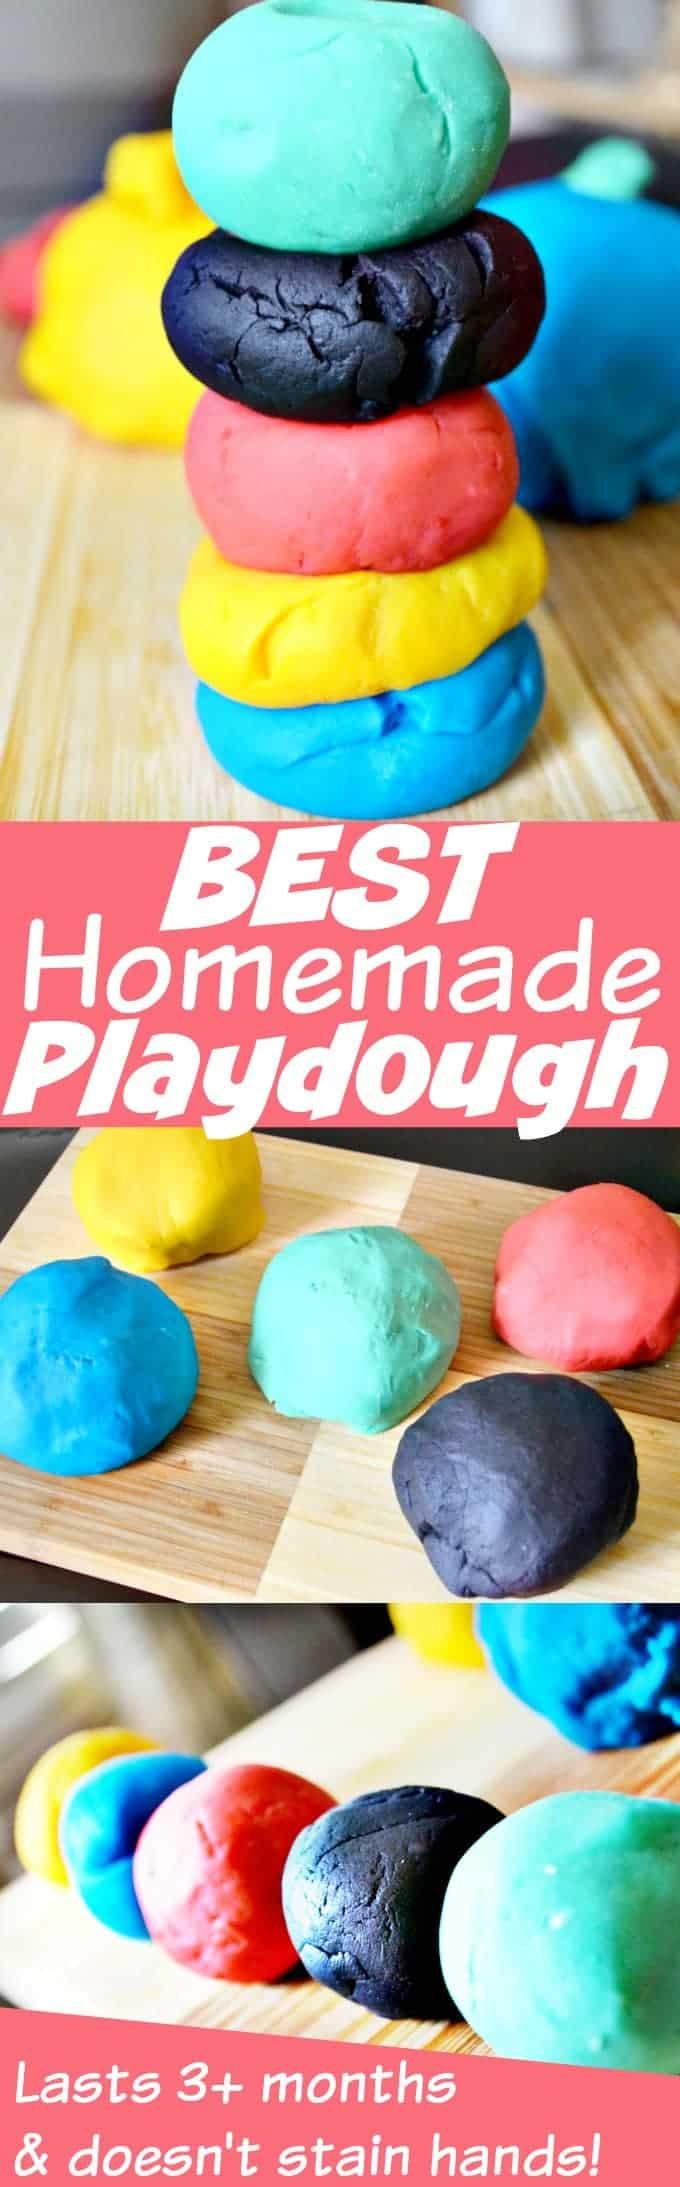 The Best Homemade Playdough Recipe Ever from Domestic Superhero